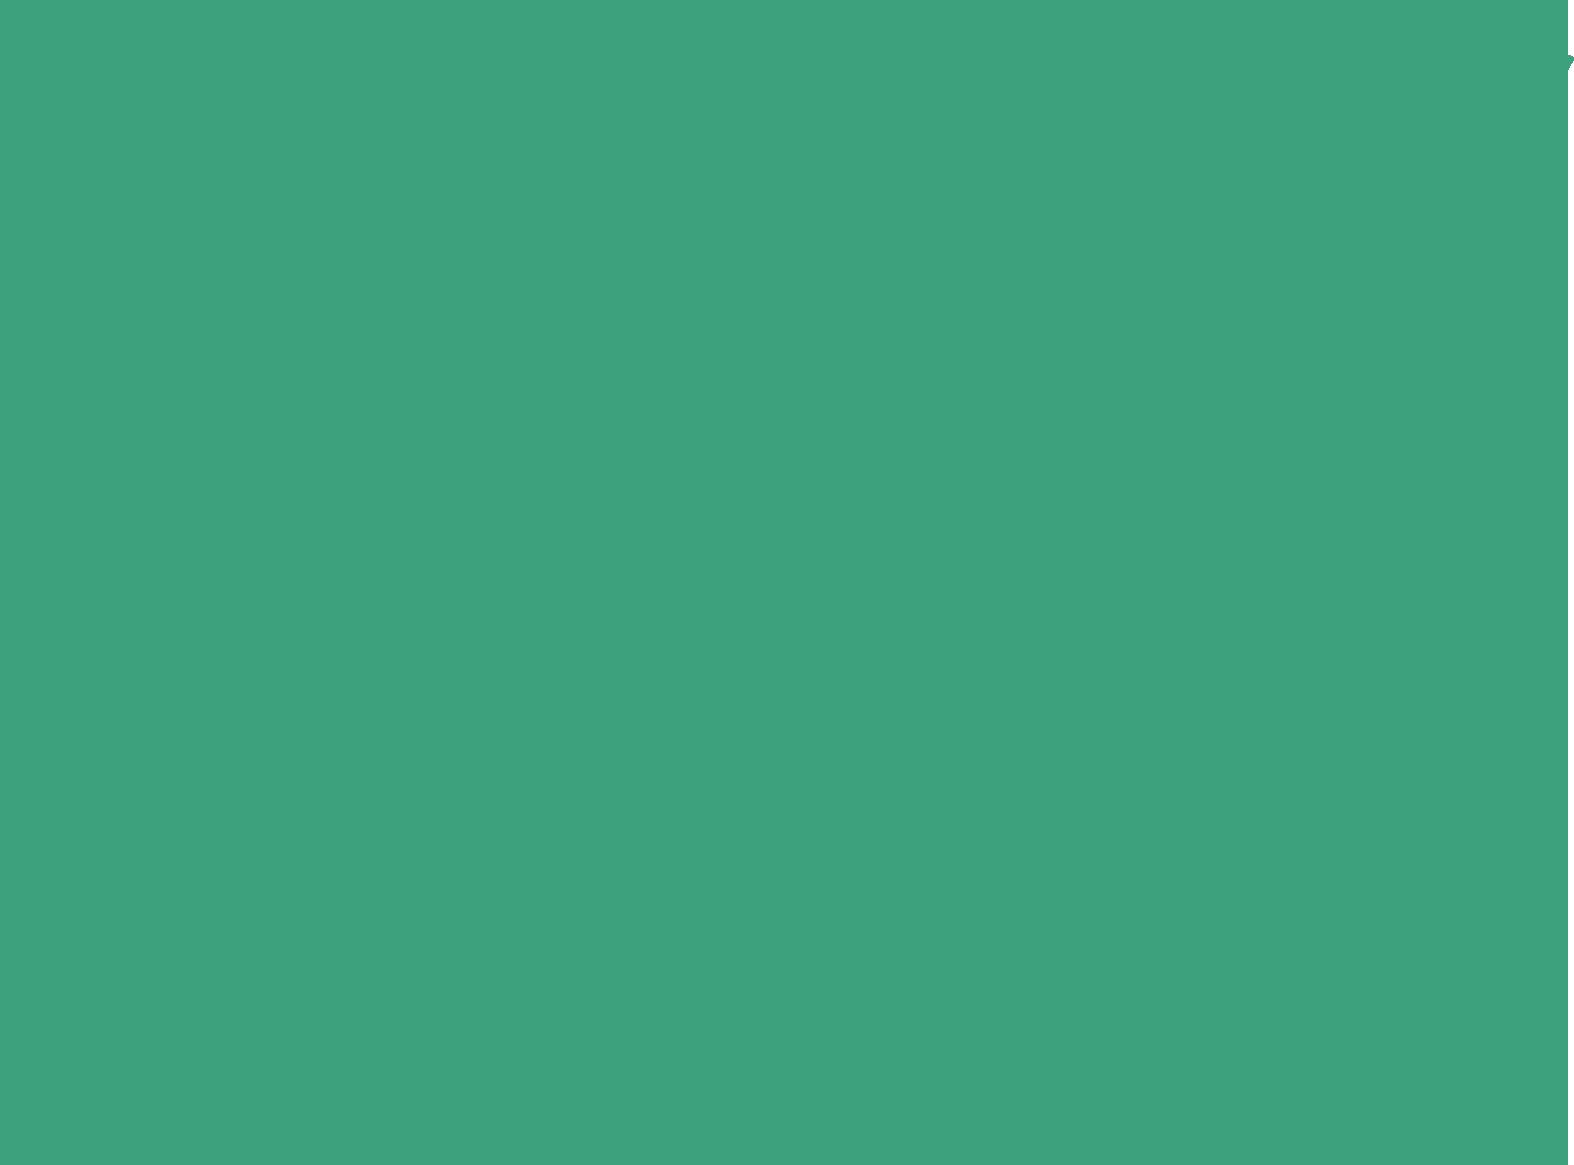 Development Icons Background Image